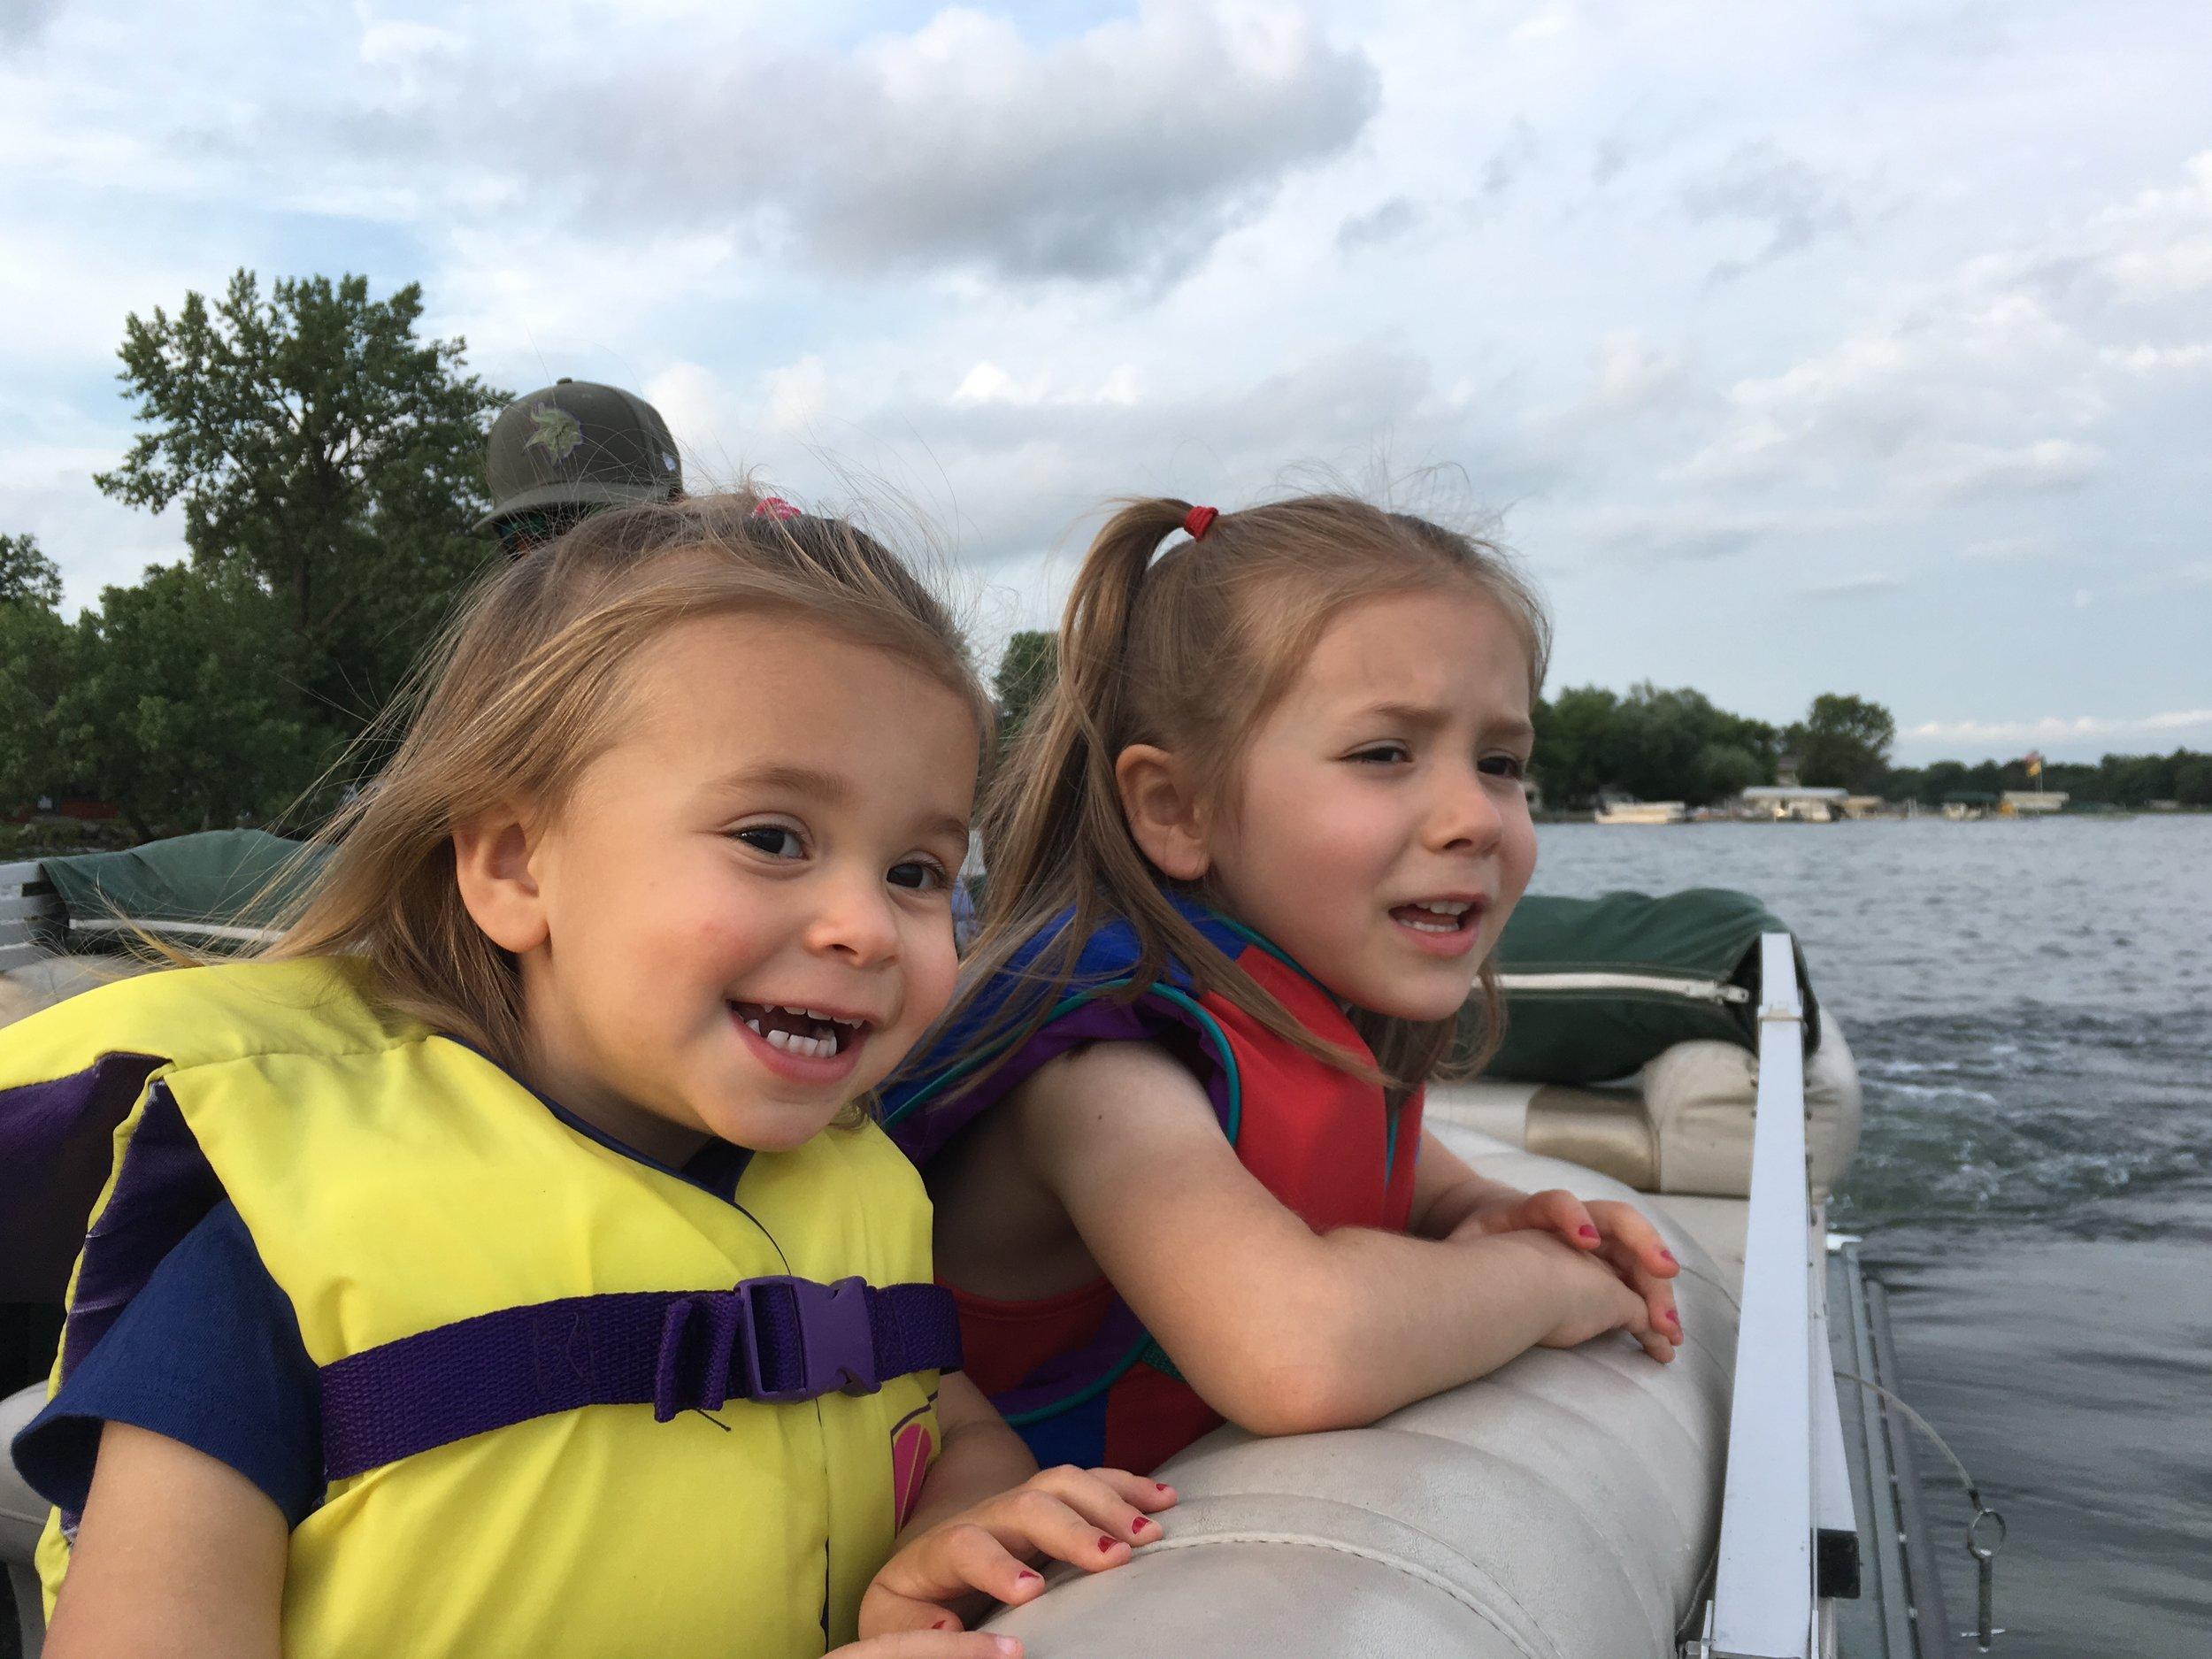 Ella & Sarah watching a jet ski on Lake Darling in Alexandria